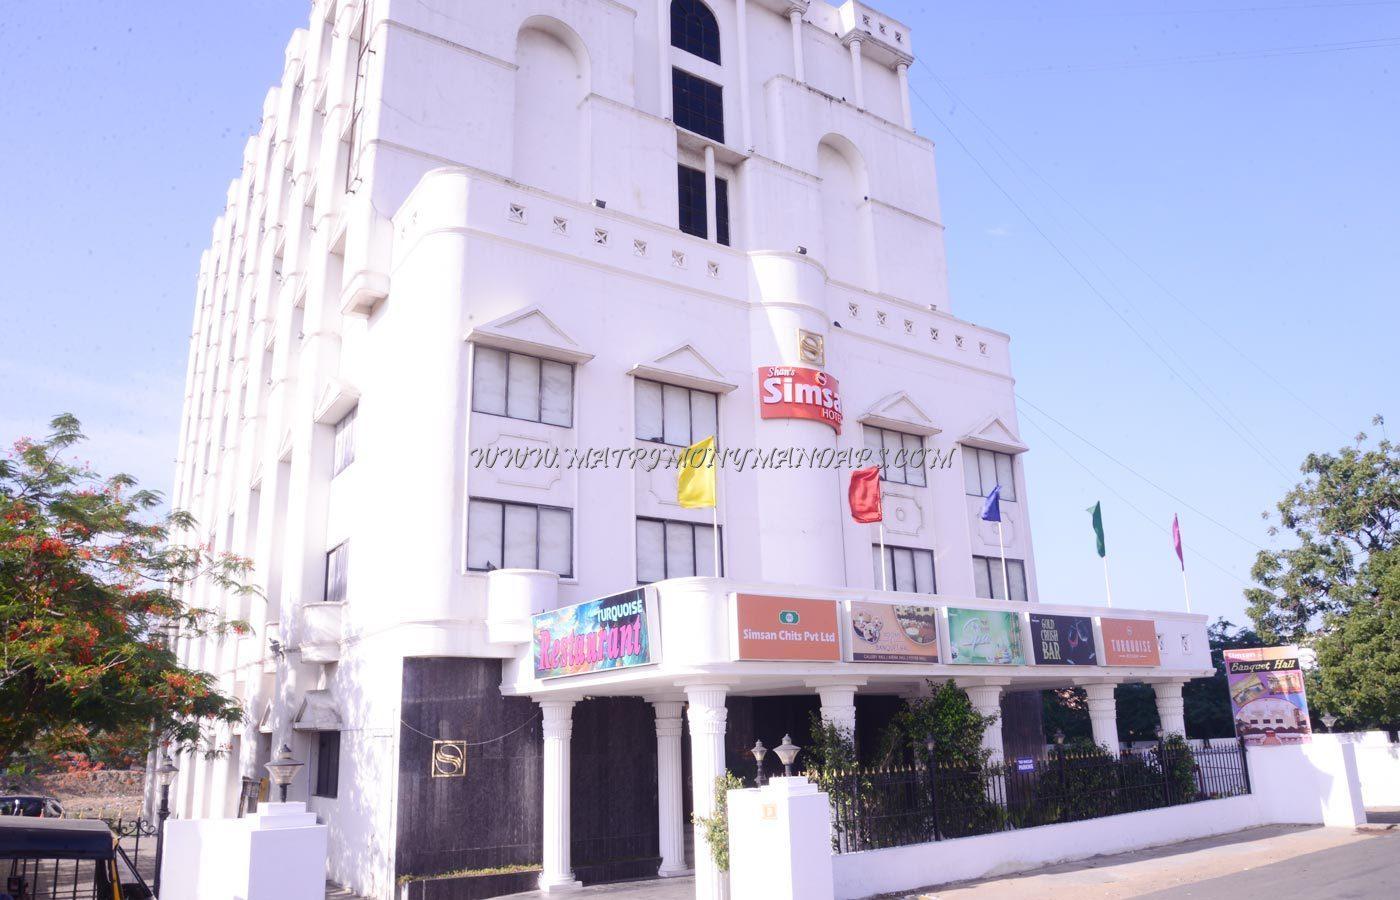 Simsan Hotel - Hotel Facade